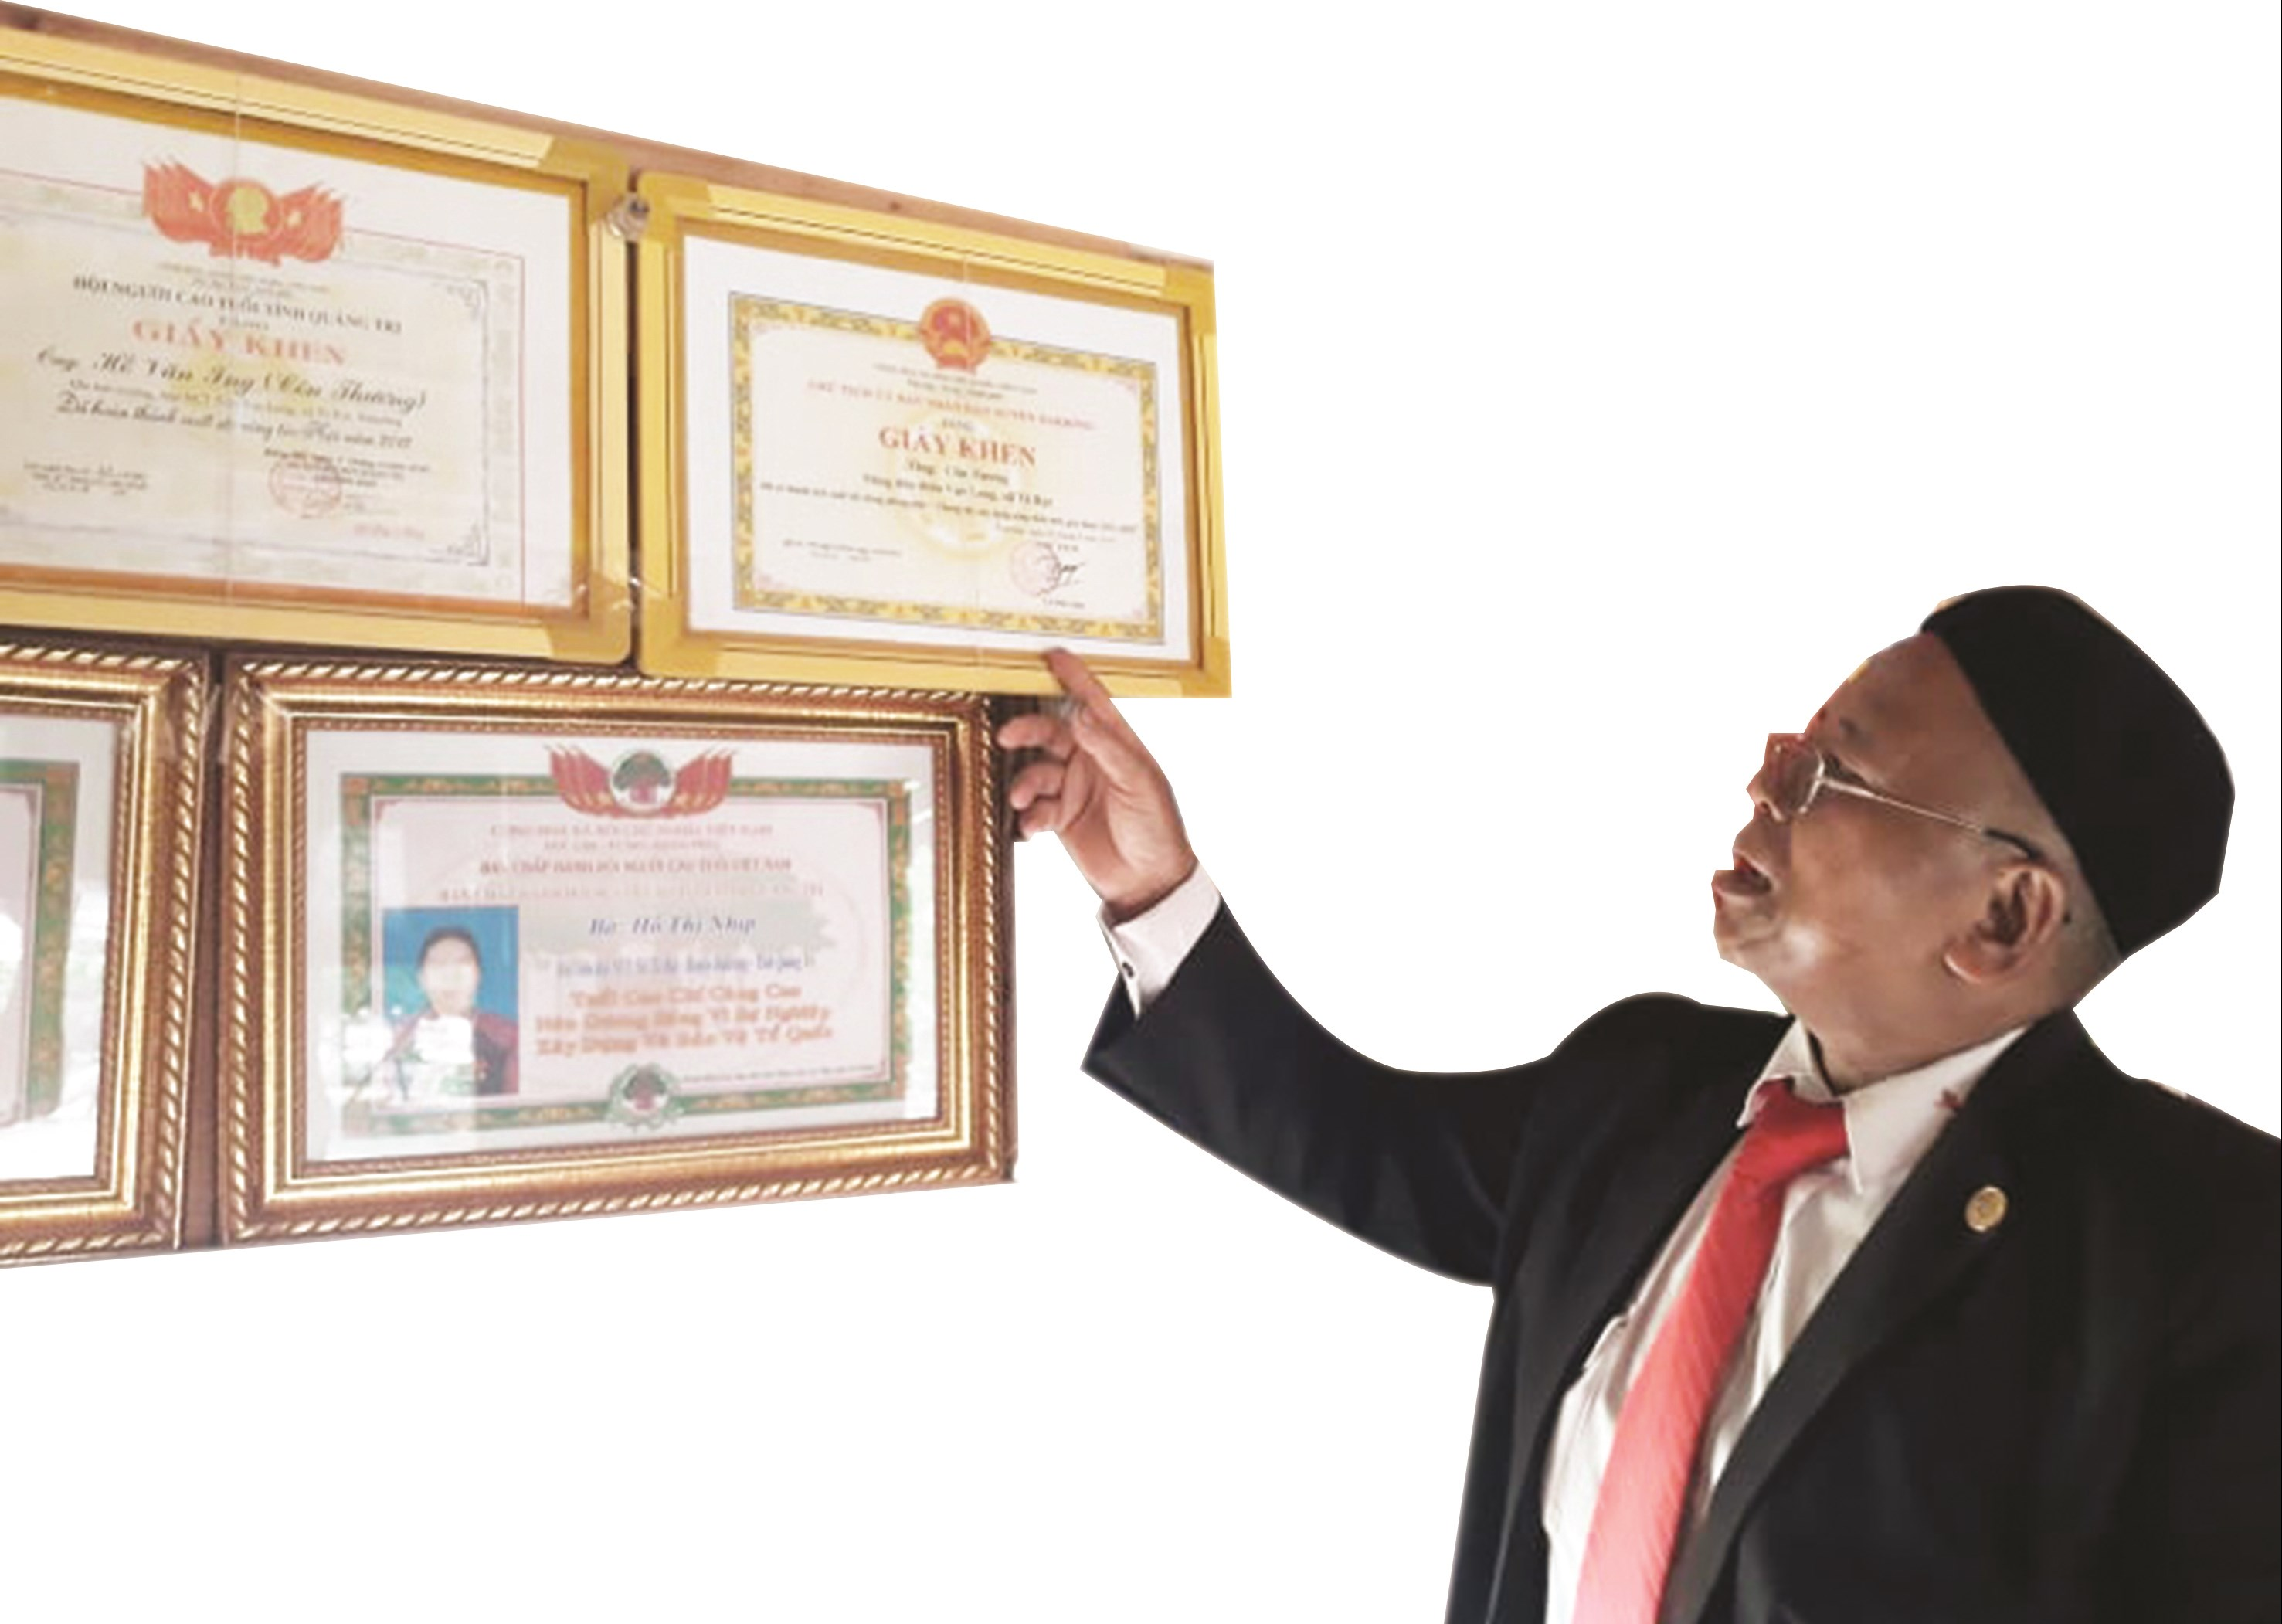 Già Côn Hương được UBND huyện Đakrông tặng giấy khen, ghi nhận đóng góp xây dựng nông thôn mới giai đoạn 2016 - 2020.